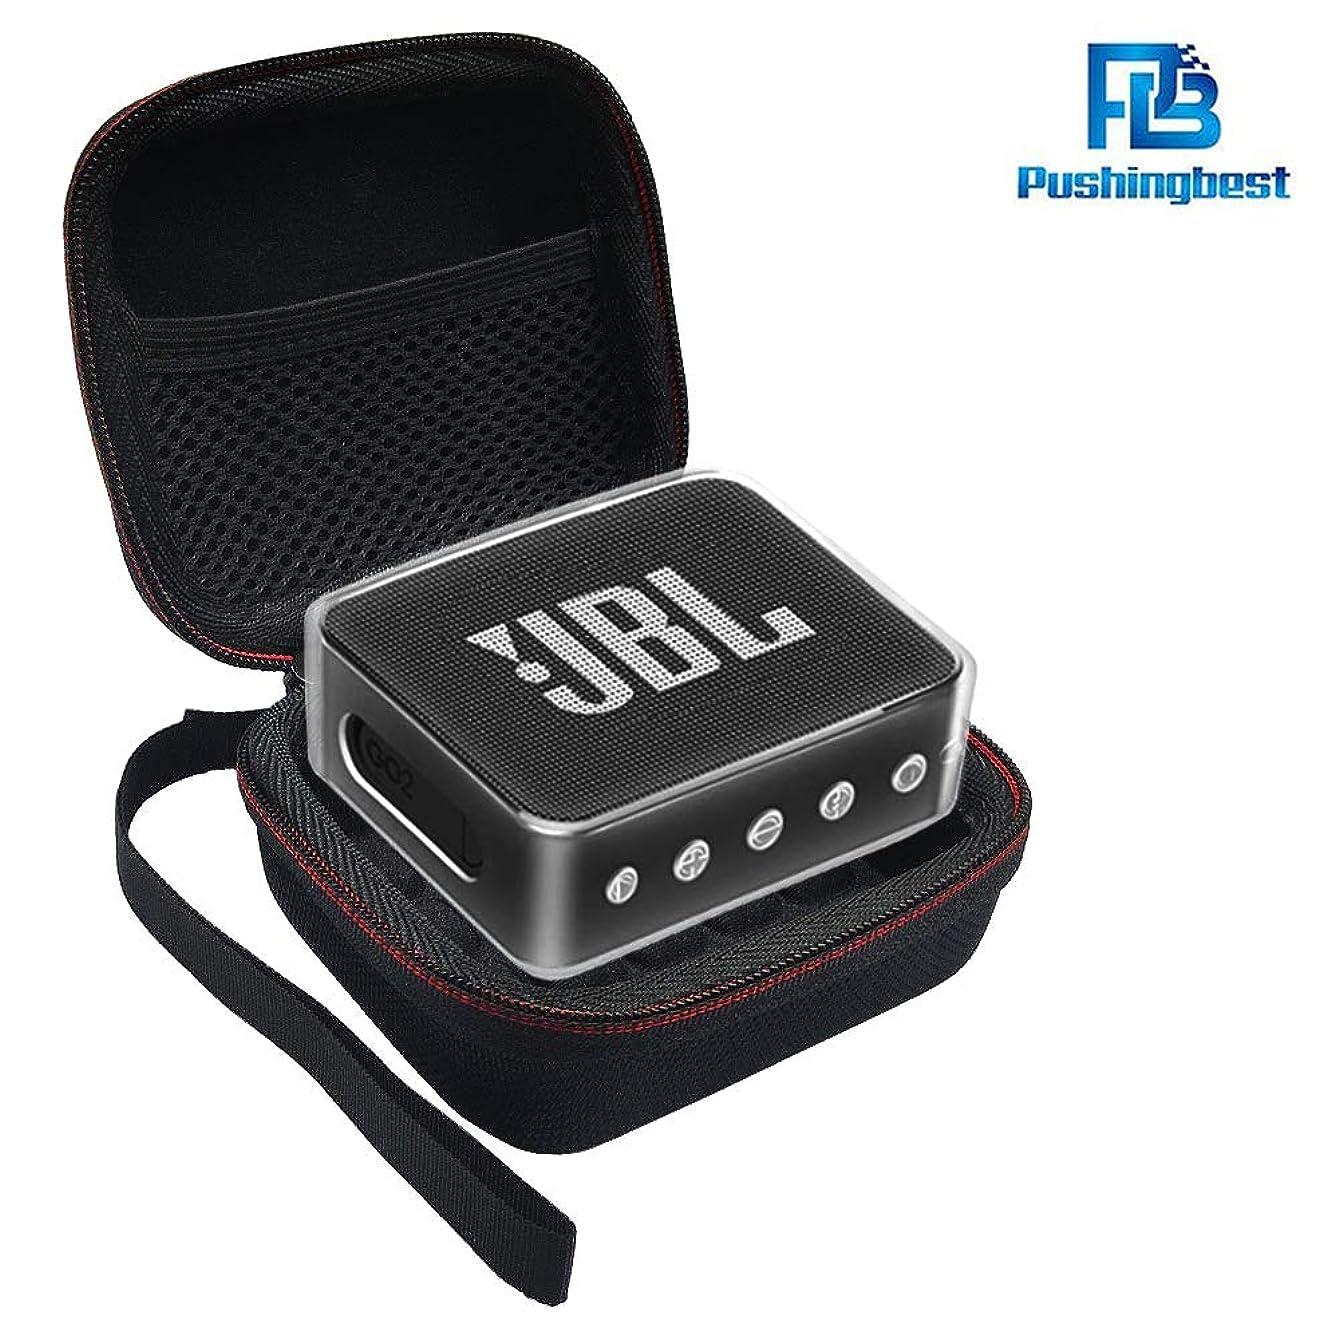 に渡って管理者モックPushingbest JBL GO 2専用ケース, JBL Go 2 Bluetoothスピーカー2ケース[耐衝撃性] [持ち運びが簡単] [二重保護]